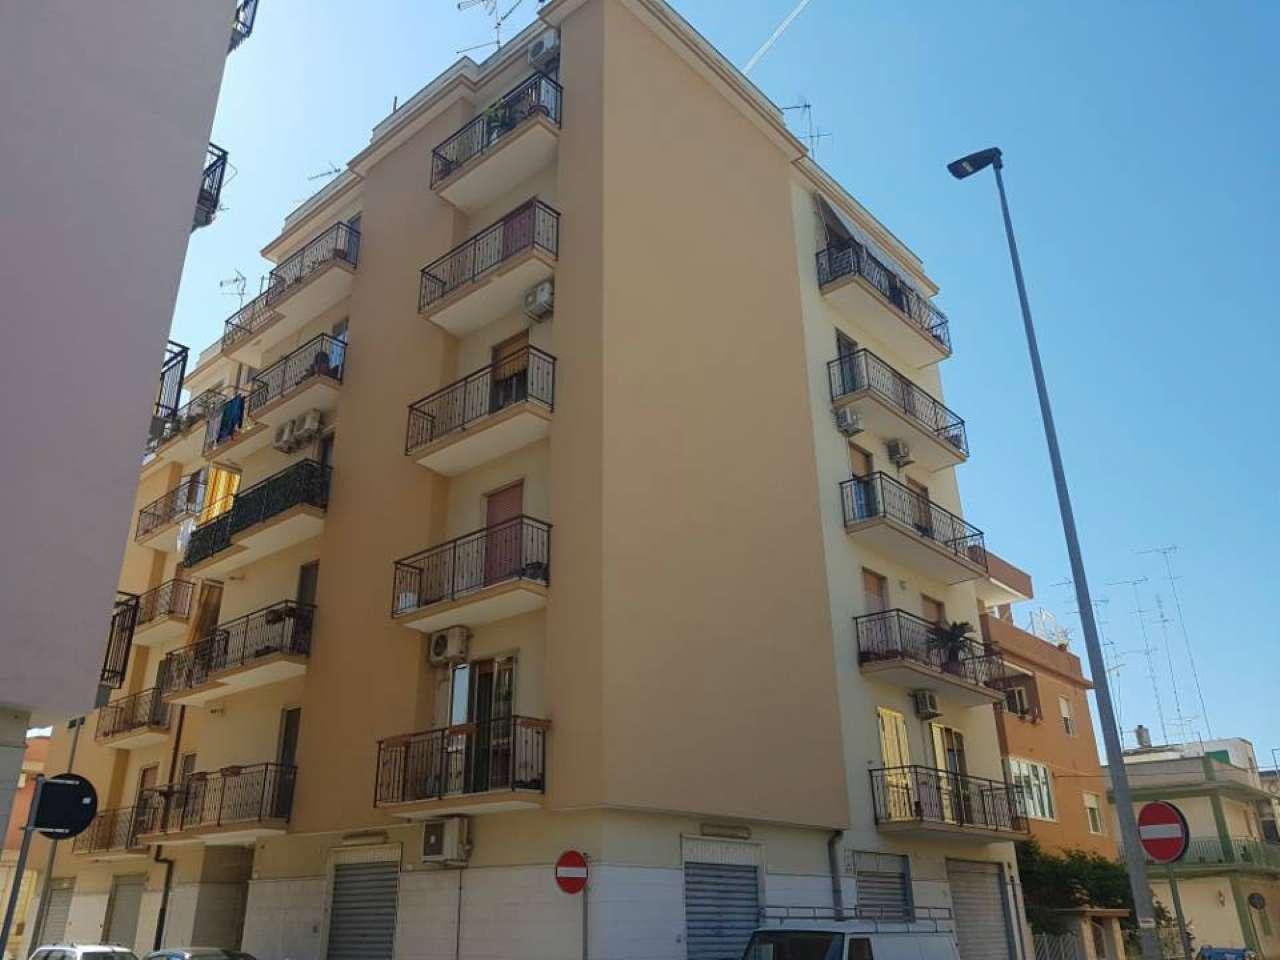 Appartamento in vendita a Massafra, 4 locali, prezzo € 70.000 | CambioCasa.it